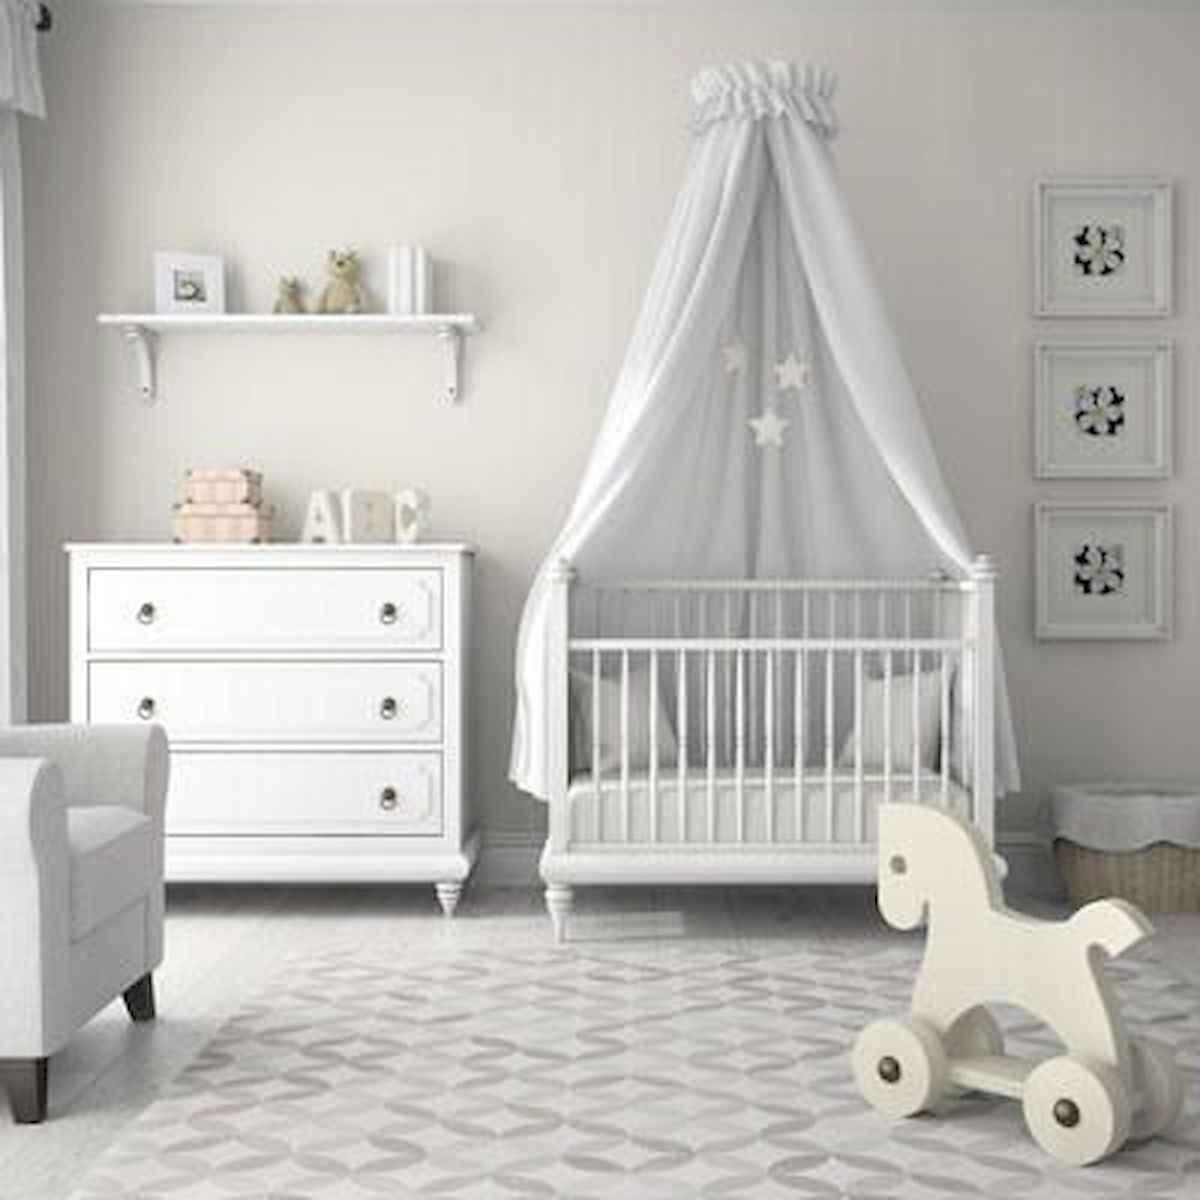 40 Adorable Neutral Nursery Room Ideas (6)